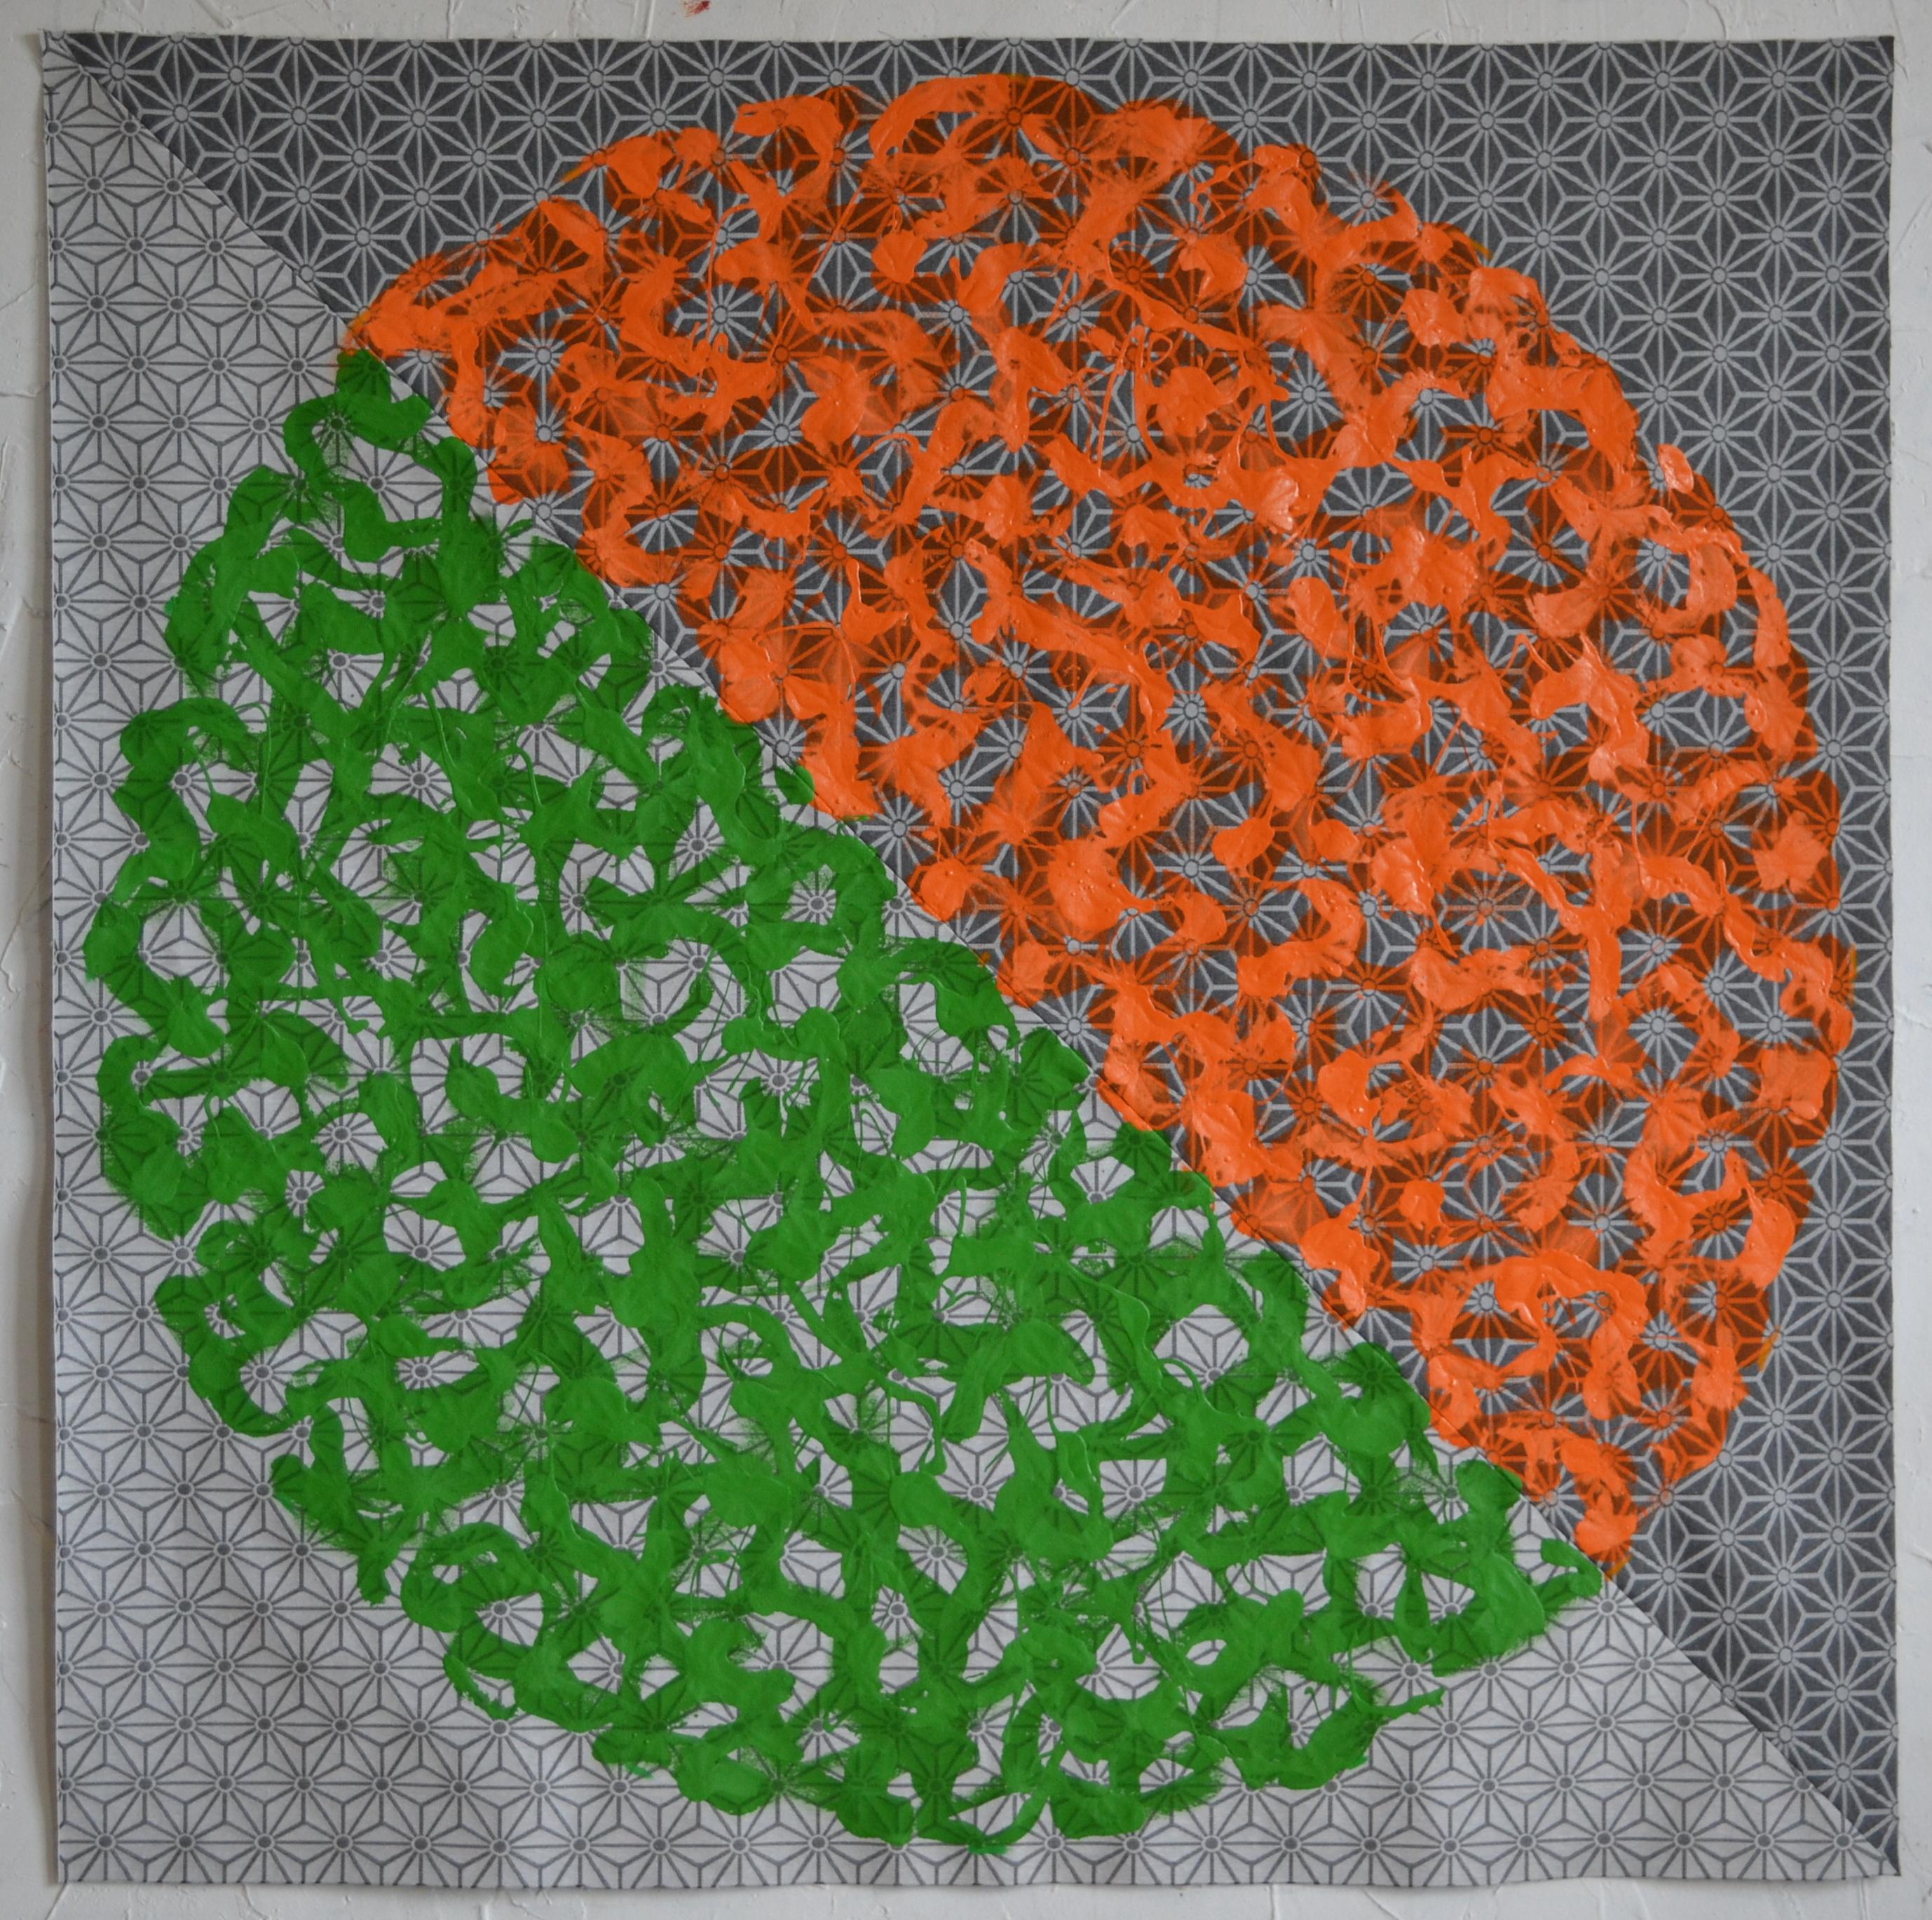 Mappemonde Peinture, acrylique sur tissu libre, 139 x 139 cm